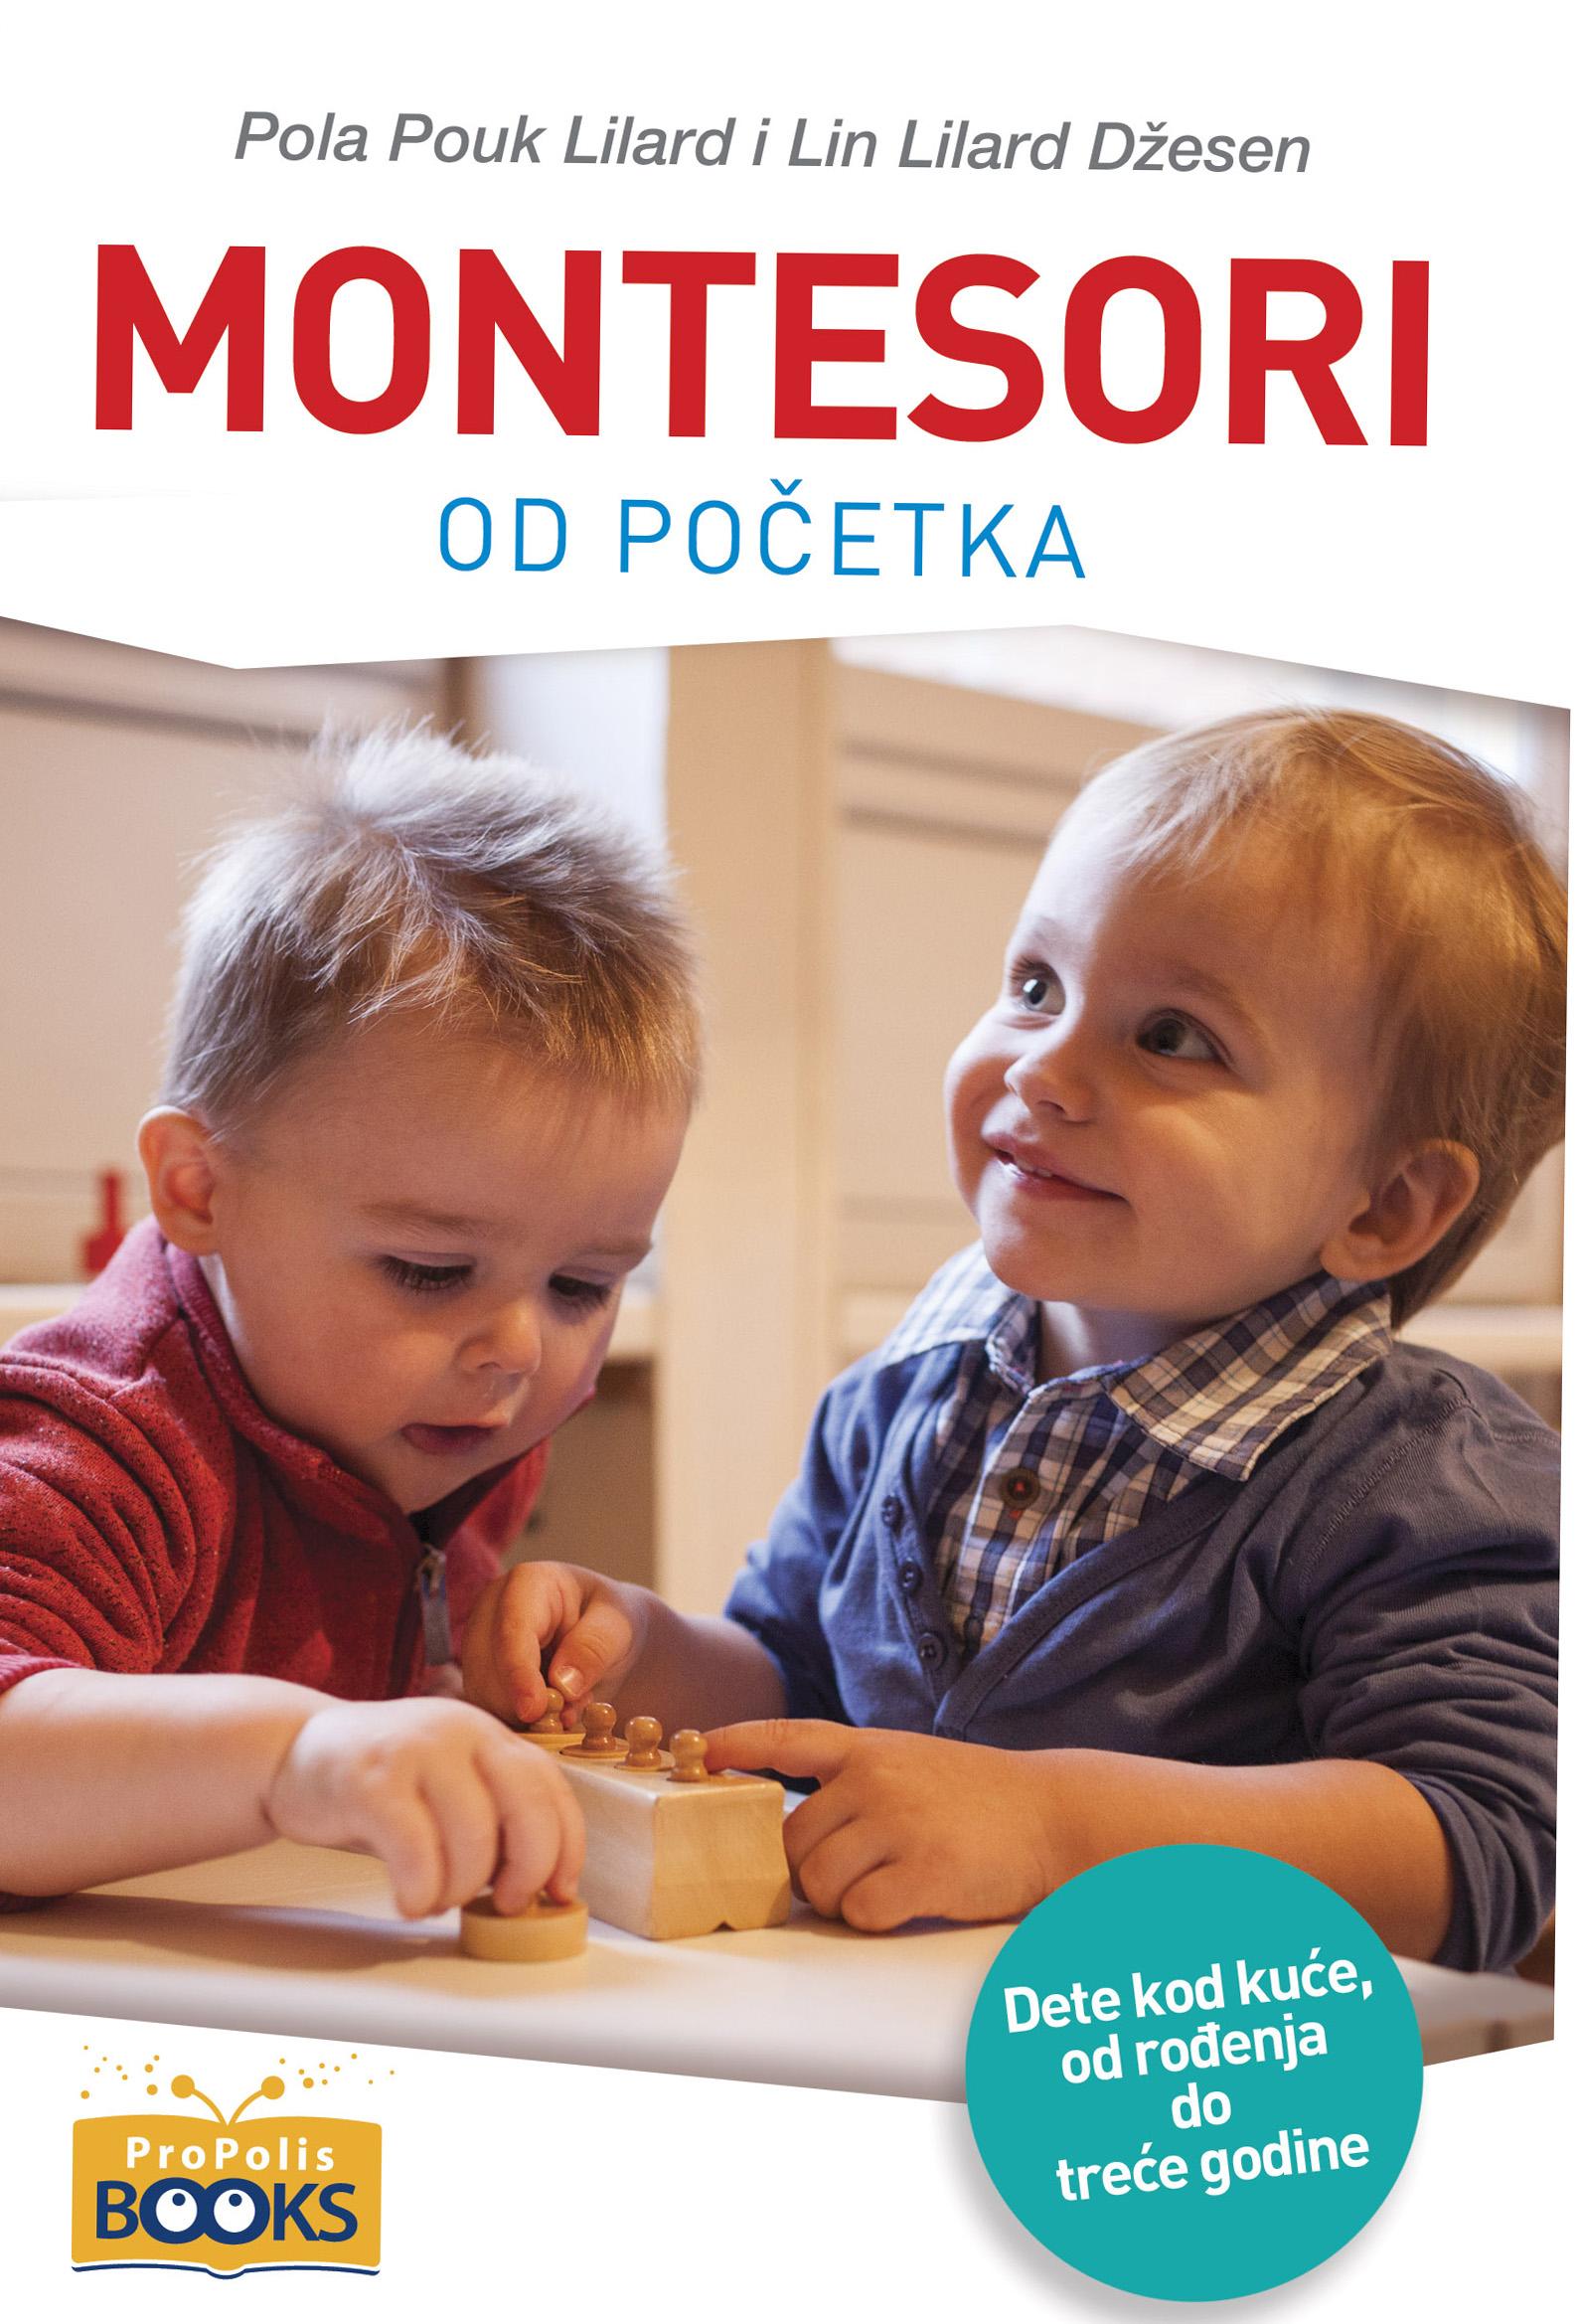 ProPolis i Roditelj pooklanjaju Montesori od početka